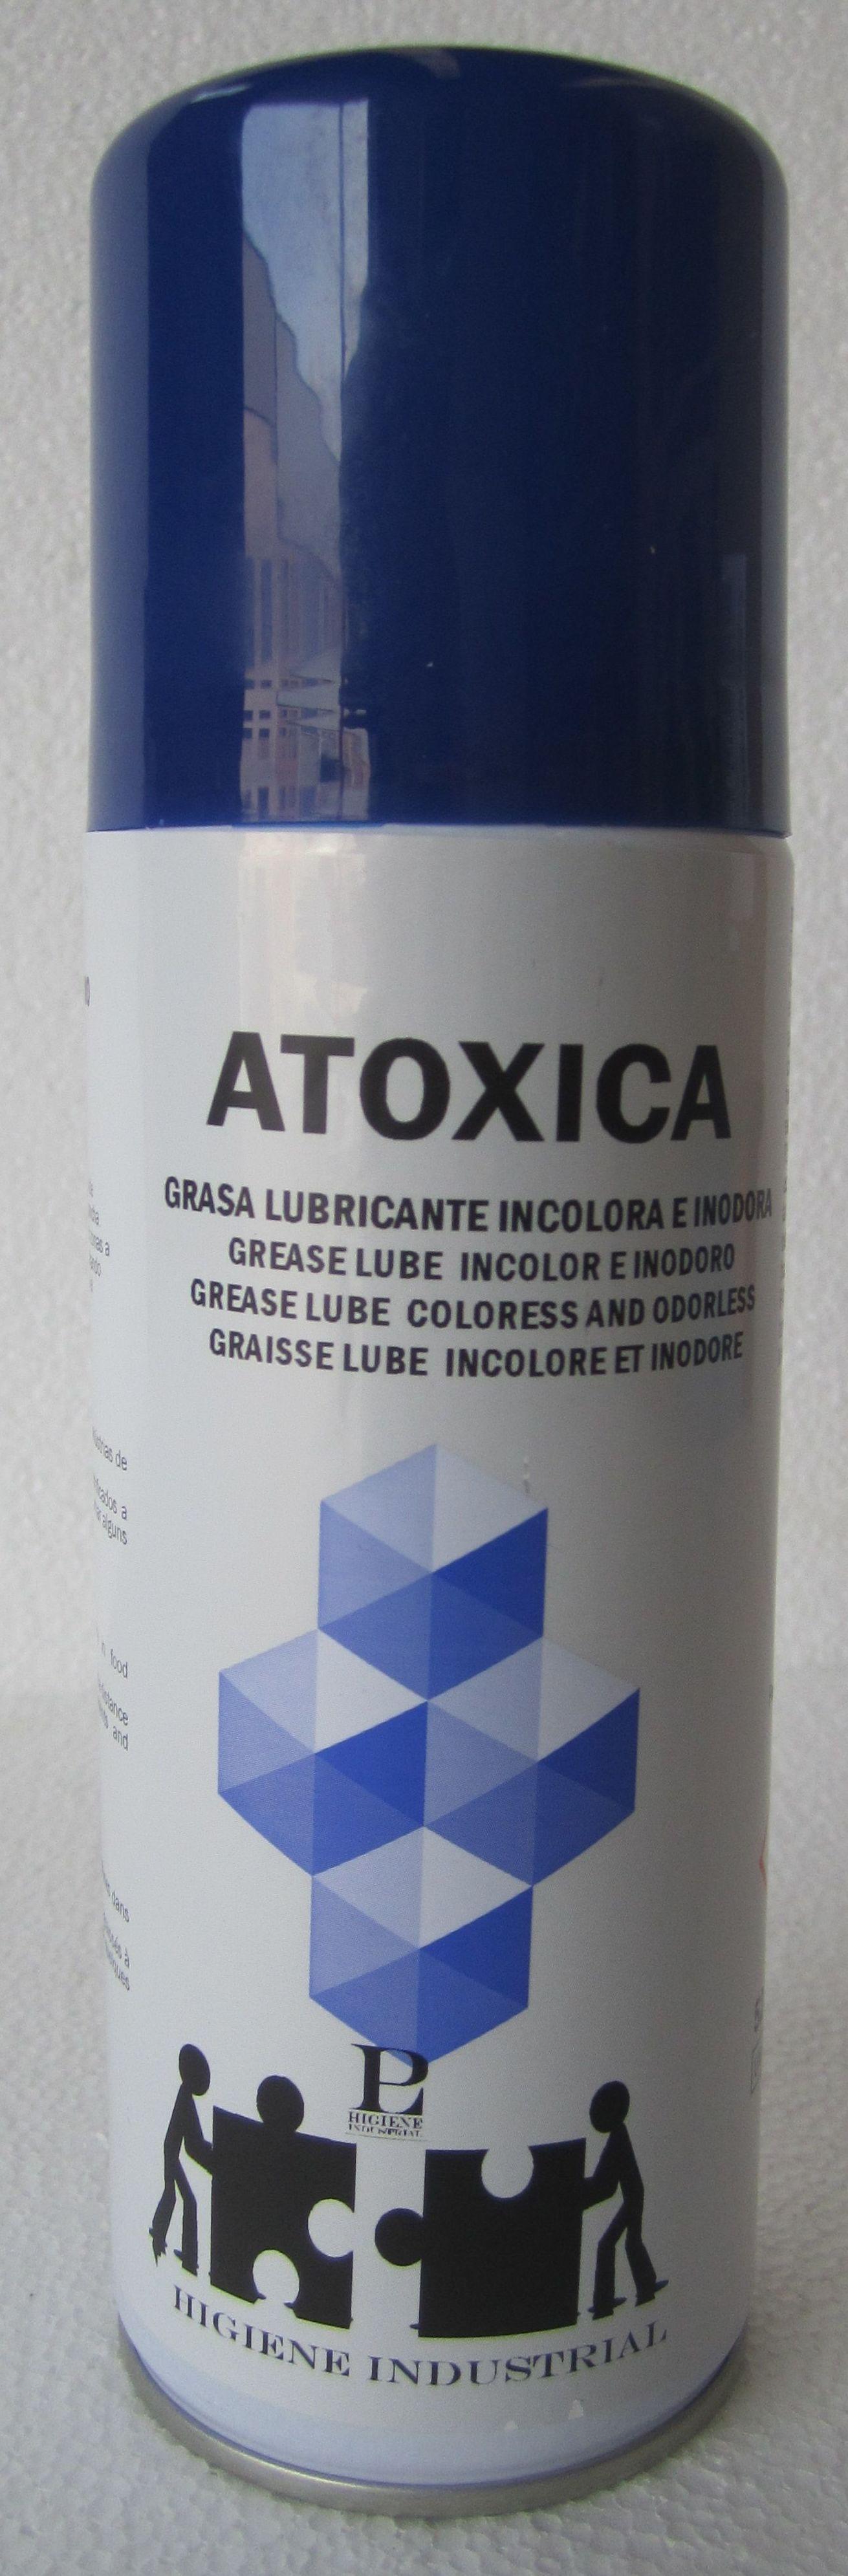 ATOXICA